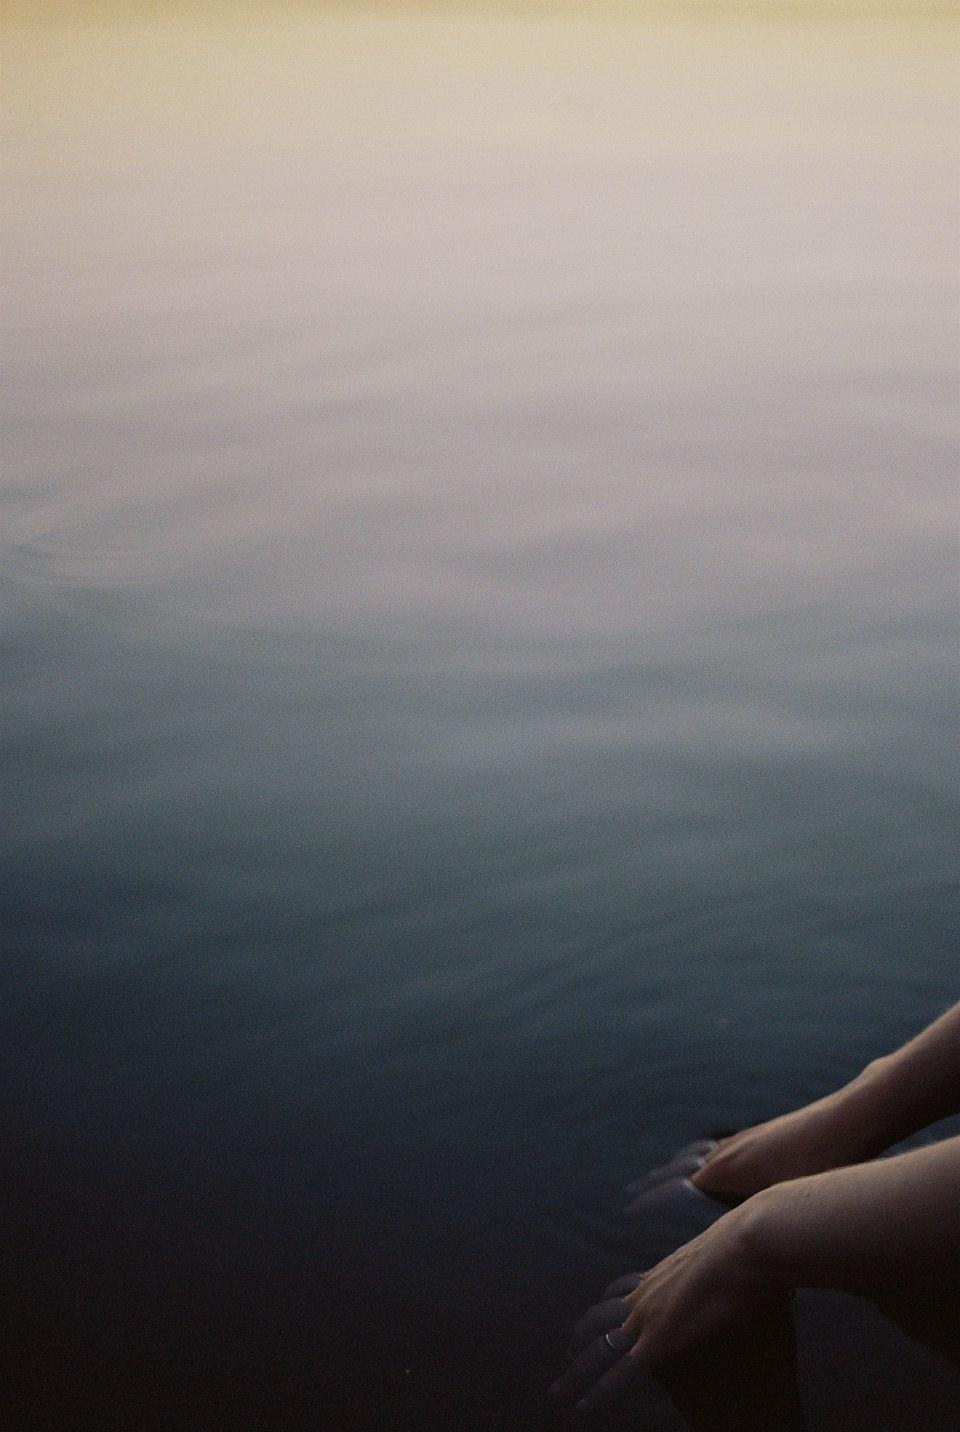 Hände im Wasser.